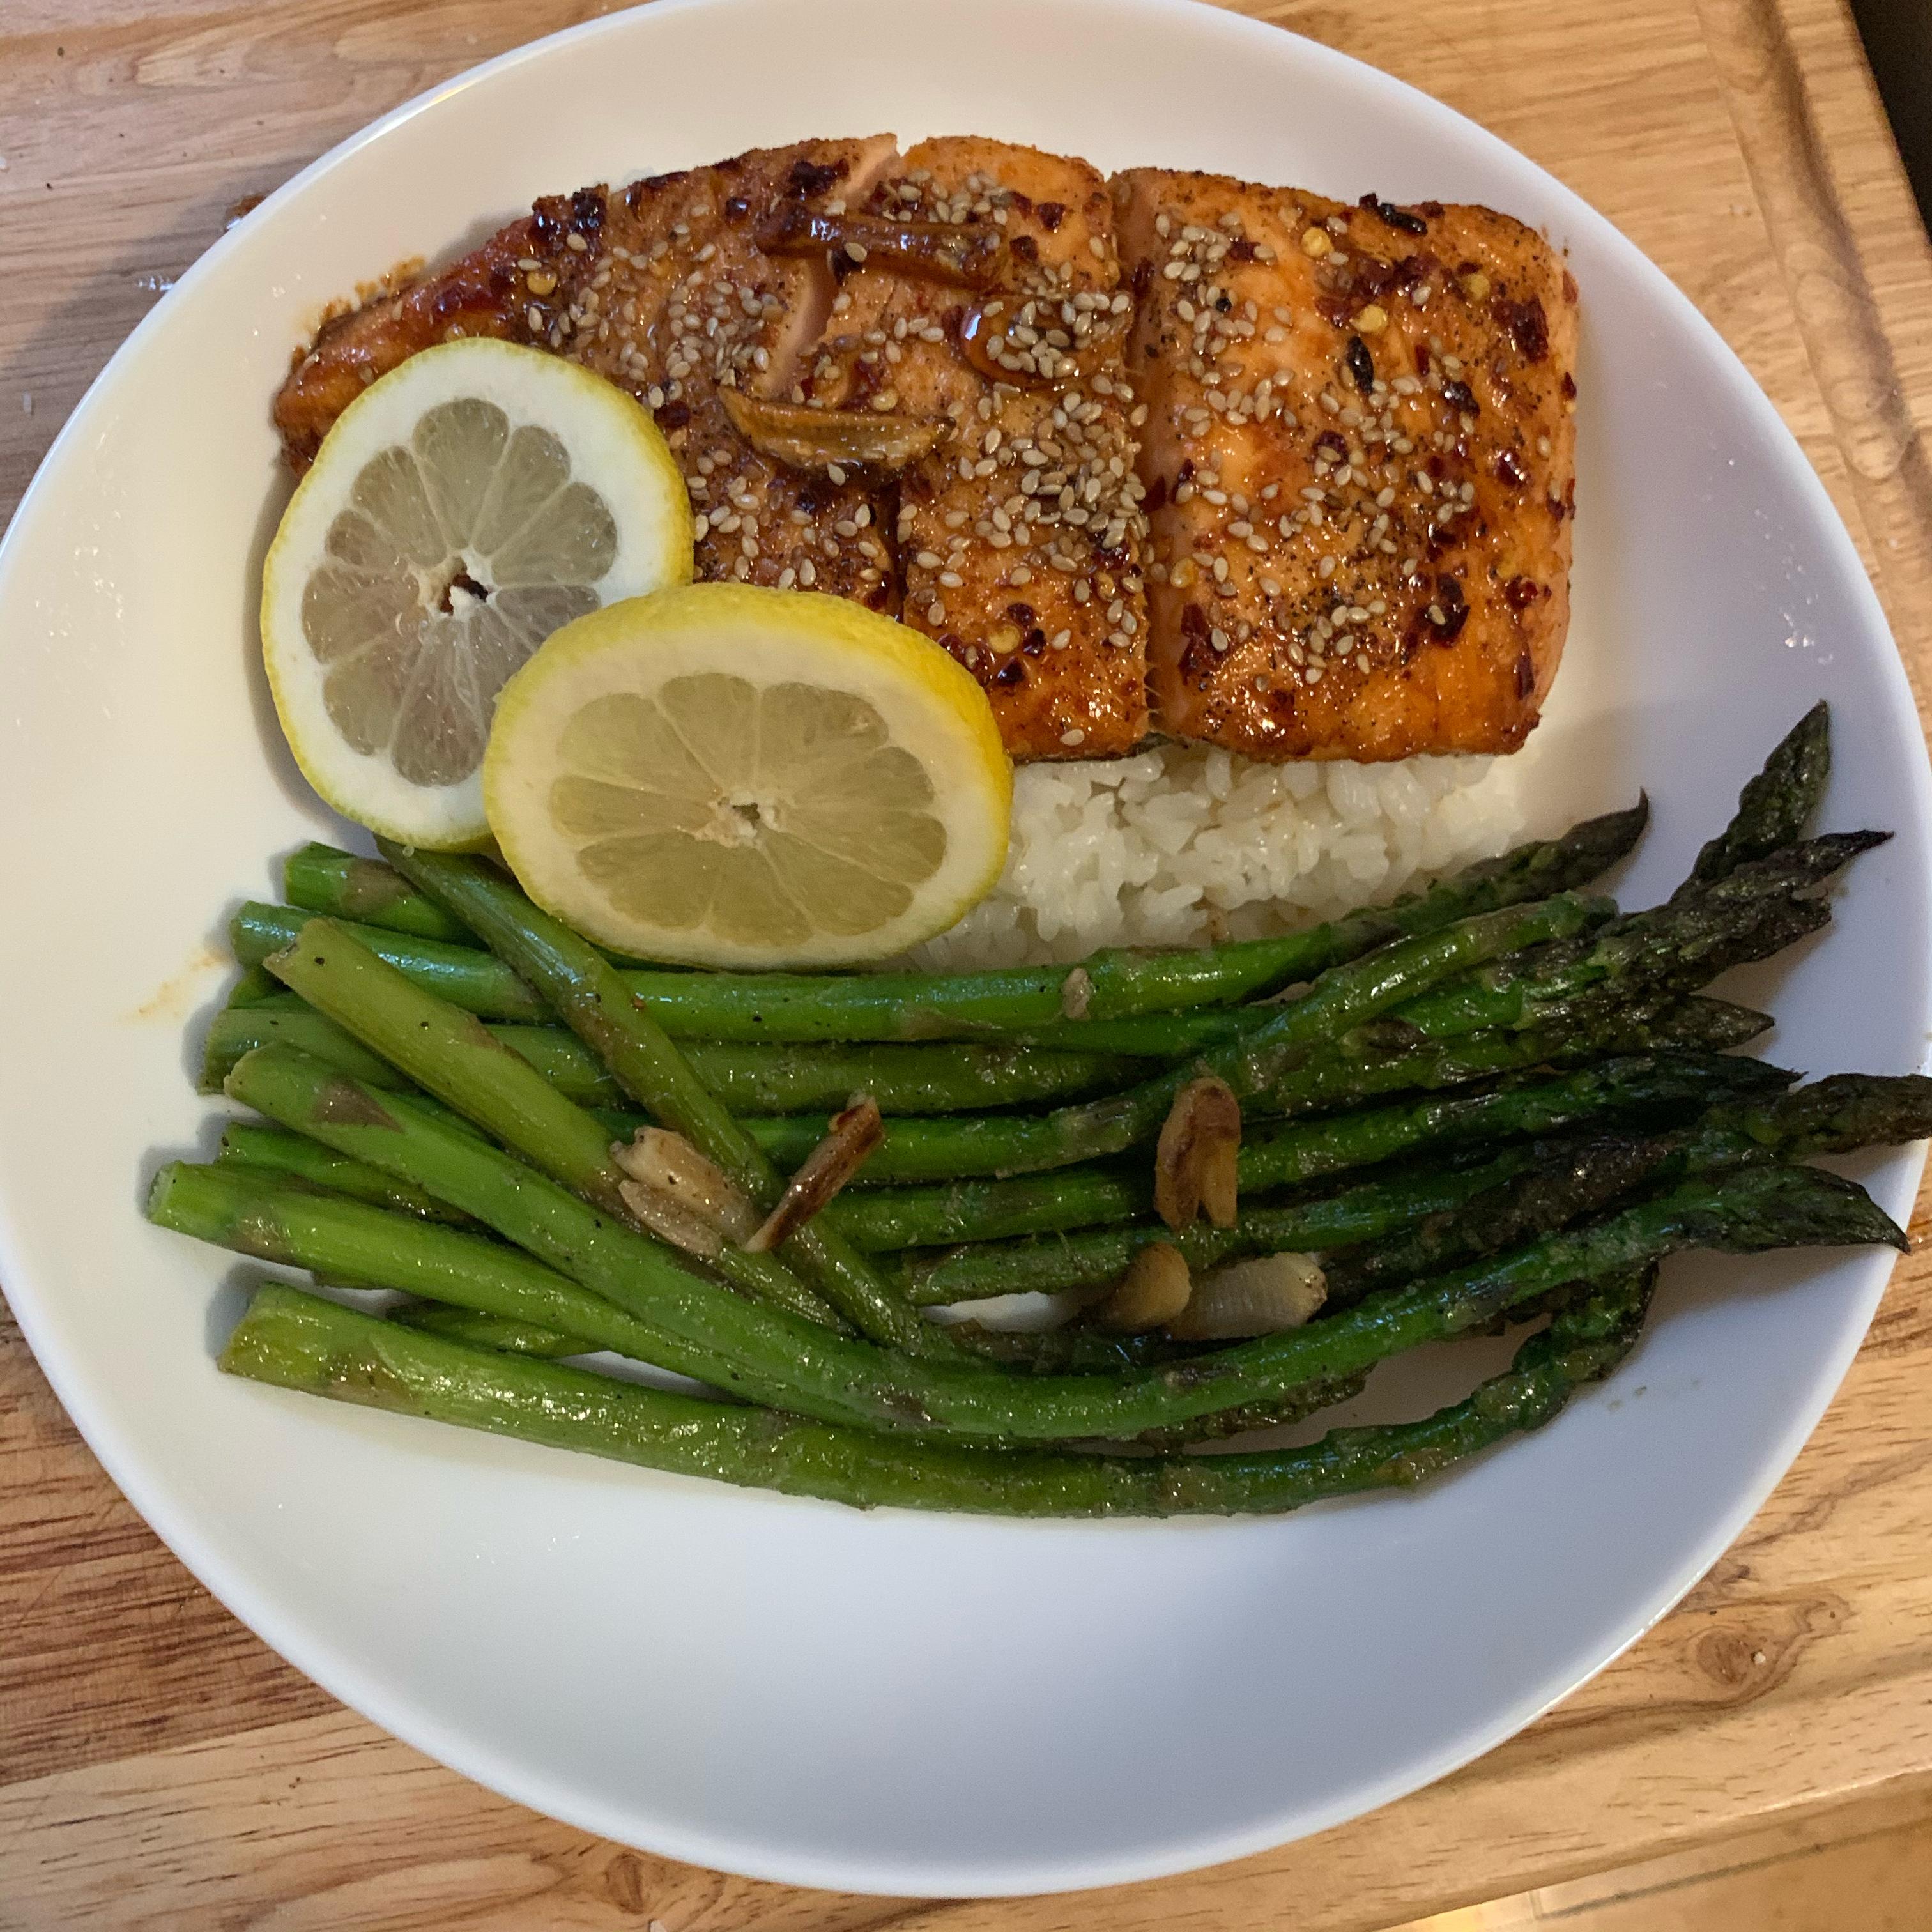 Soy-Honey Glazed Salmon with Asparagus